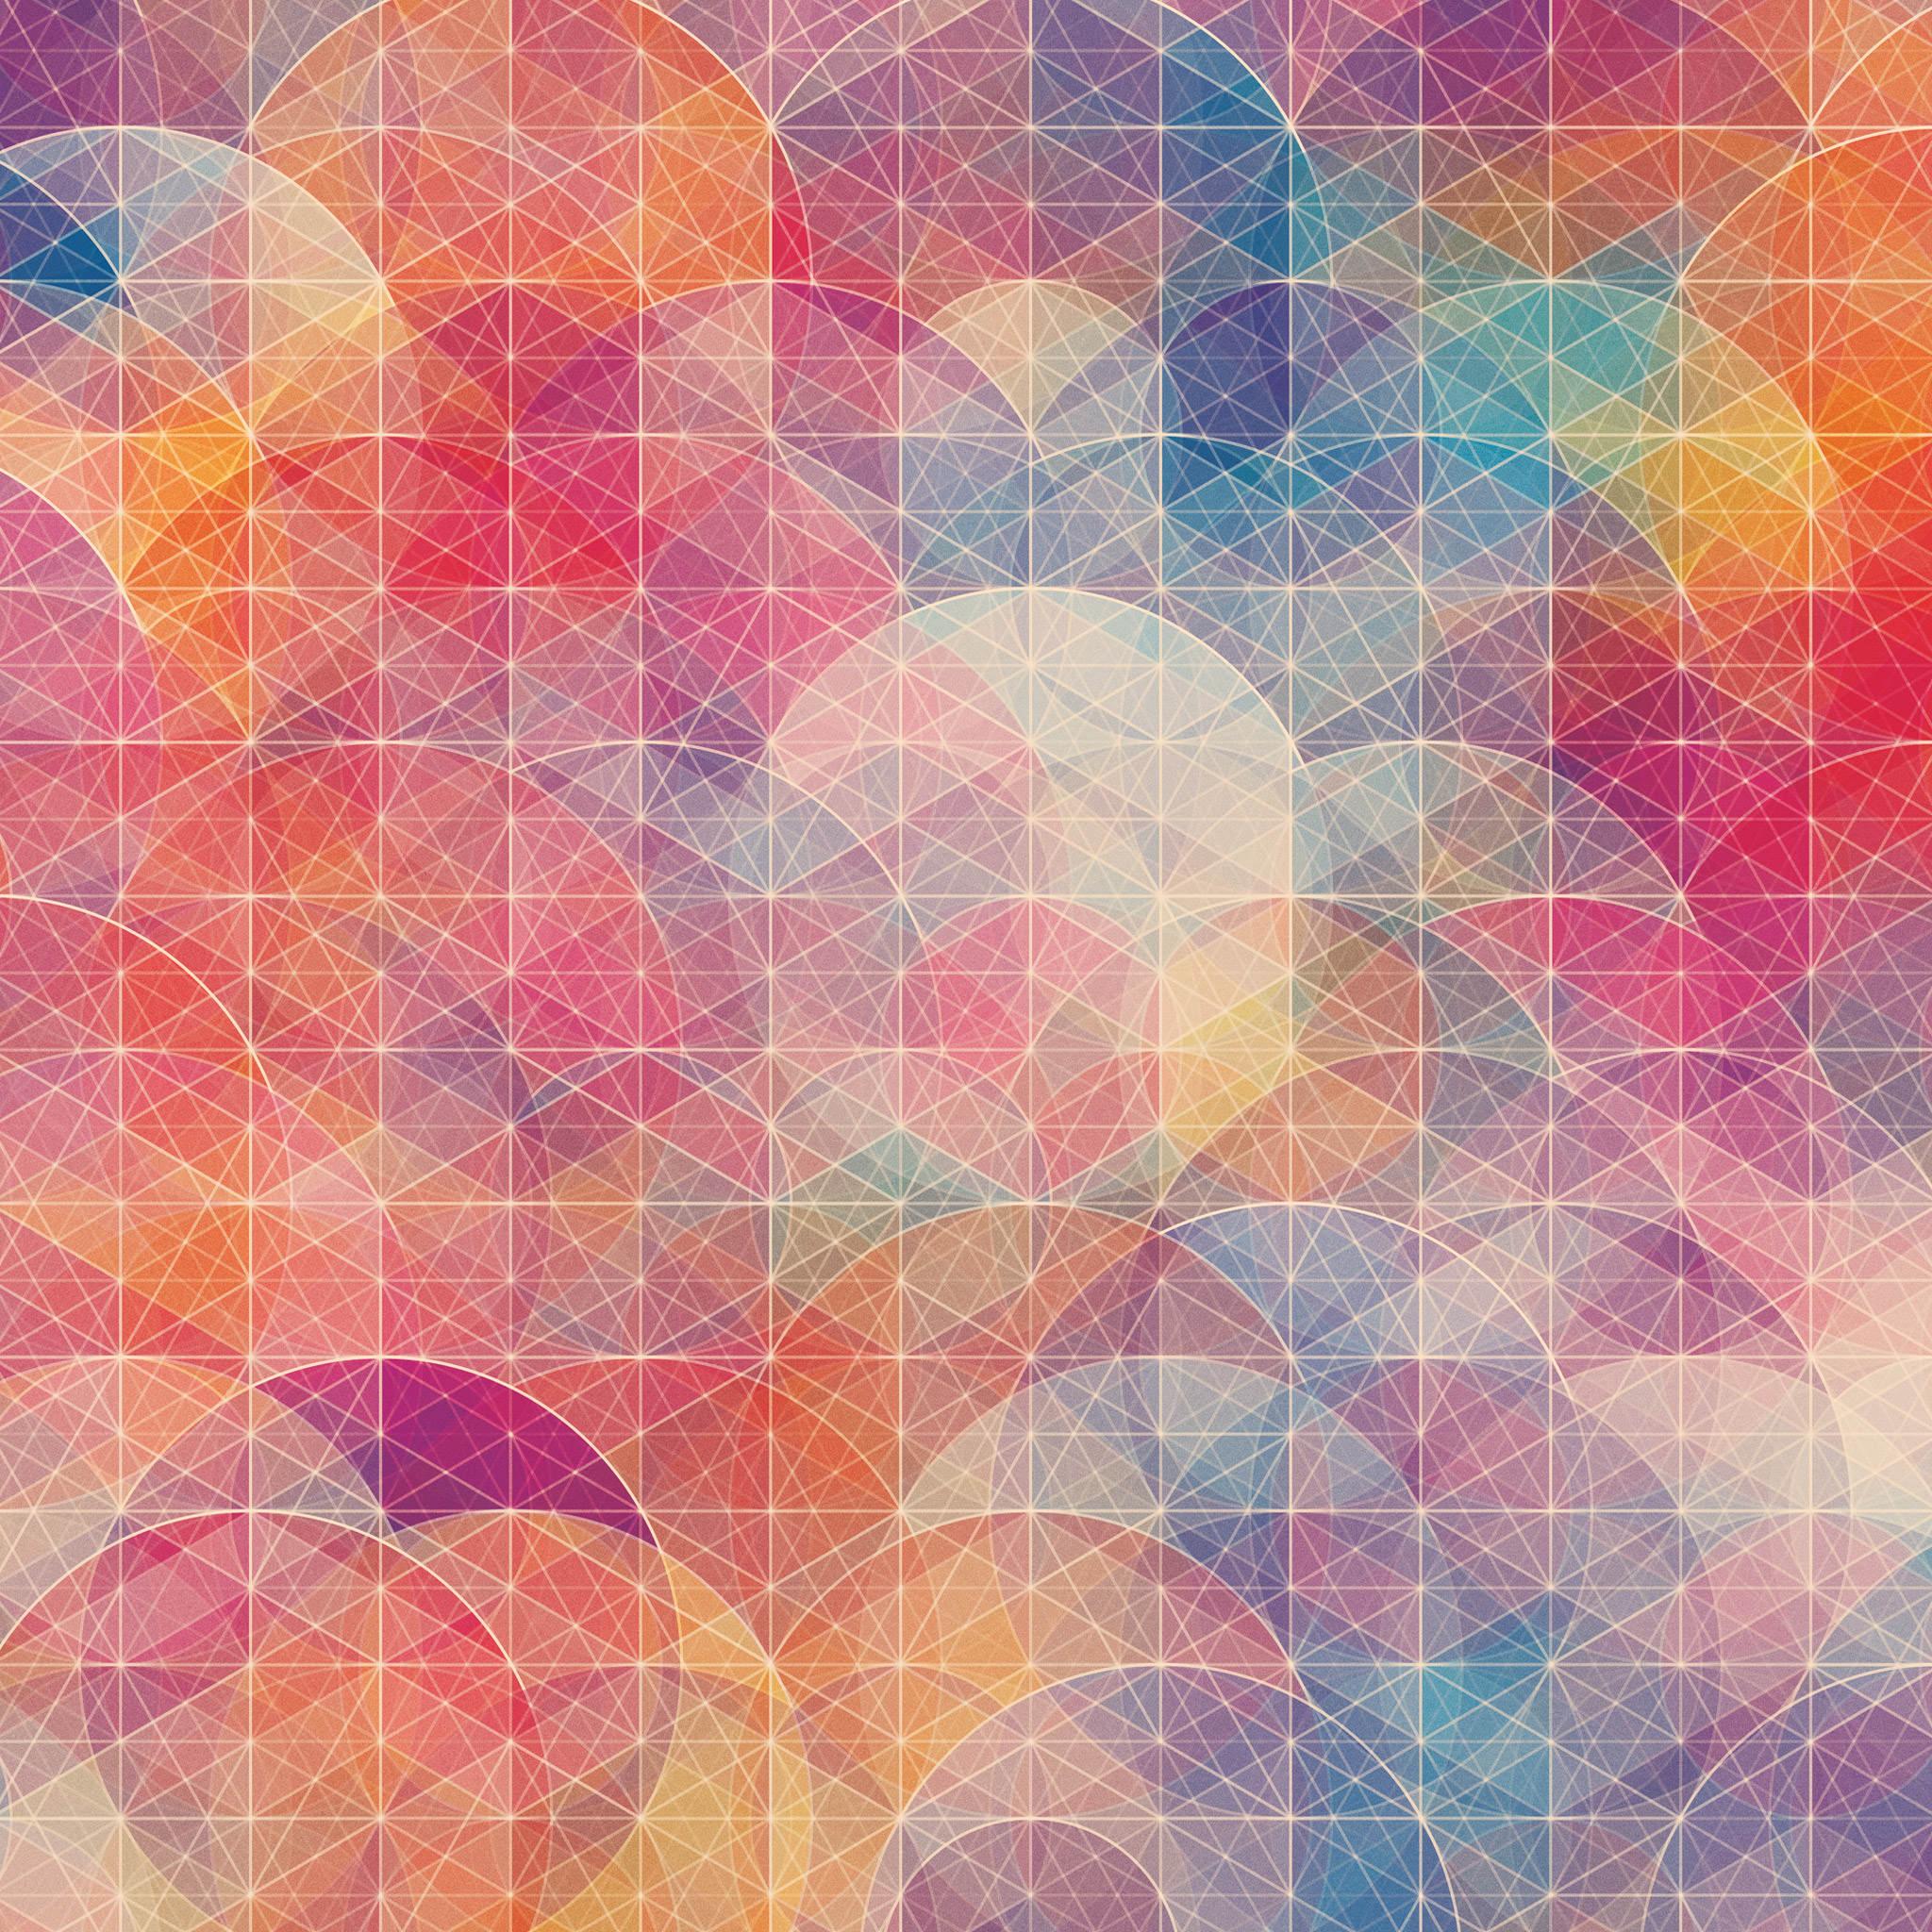 カラフルな幾何学模様の壁紙6(iPad3用/2048×2048)